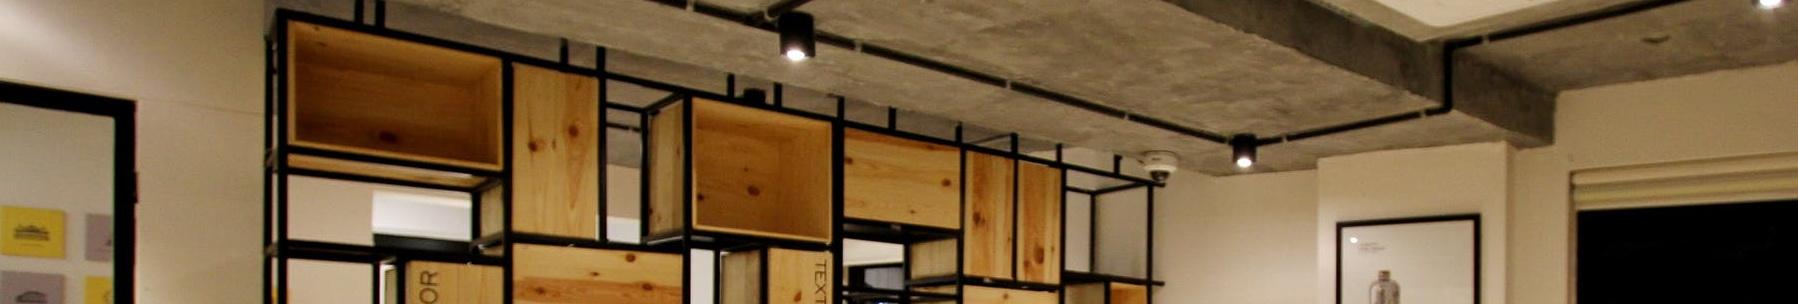 Projekta Interiorismo